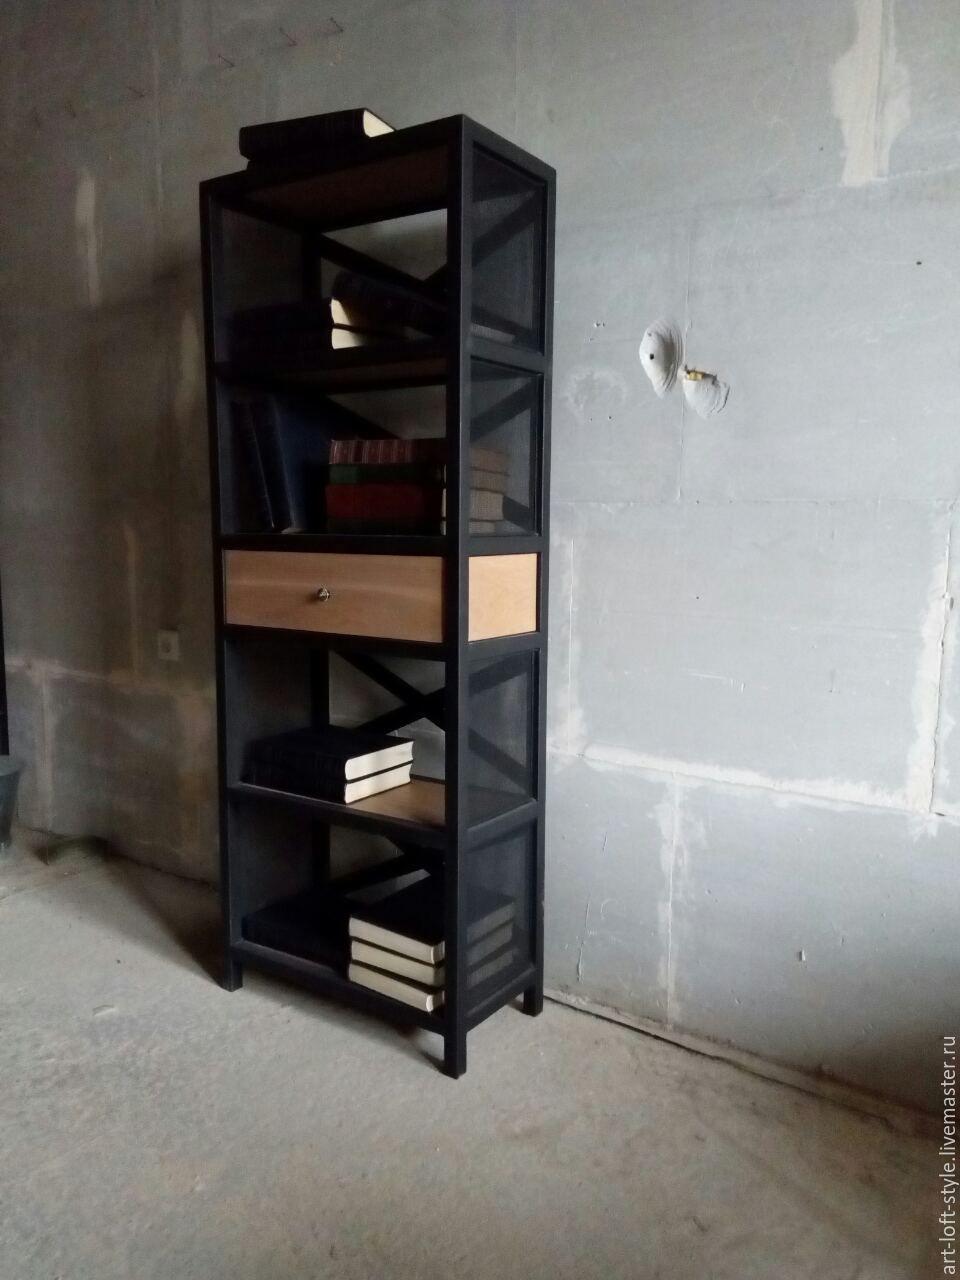 Стильная этажерка в стиле индустриальный лофт. Loft industrial furniture. Купить и заказать стеллаж в индустриальном стиле. Этажерка лофт от производителя.